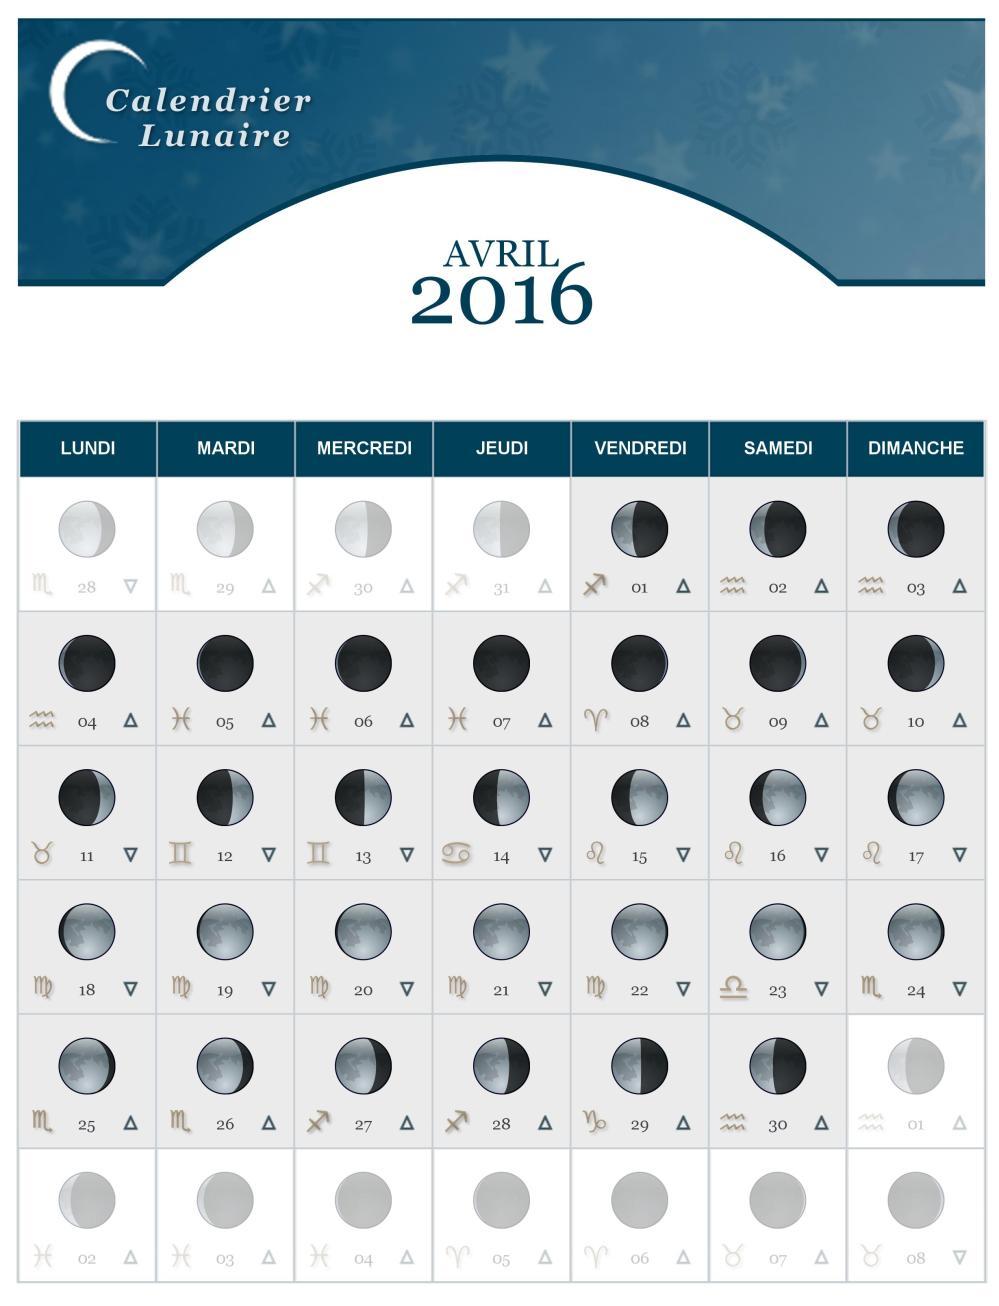 Calendrier lunaire du mois d avril 2016 the lucky cath - Calendrier lunaire decembre 2016 ...